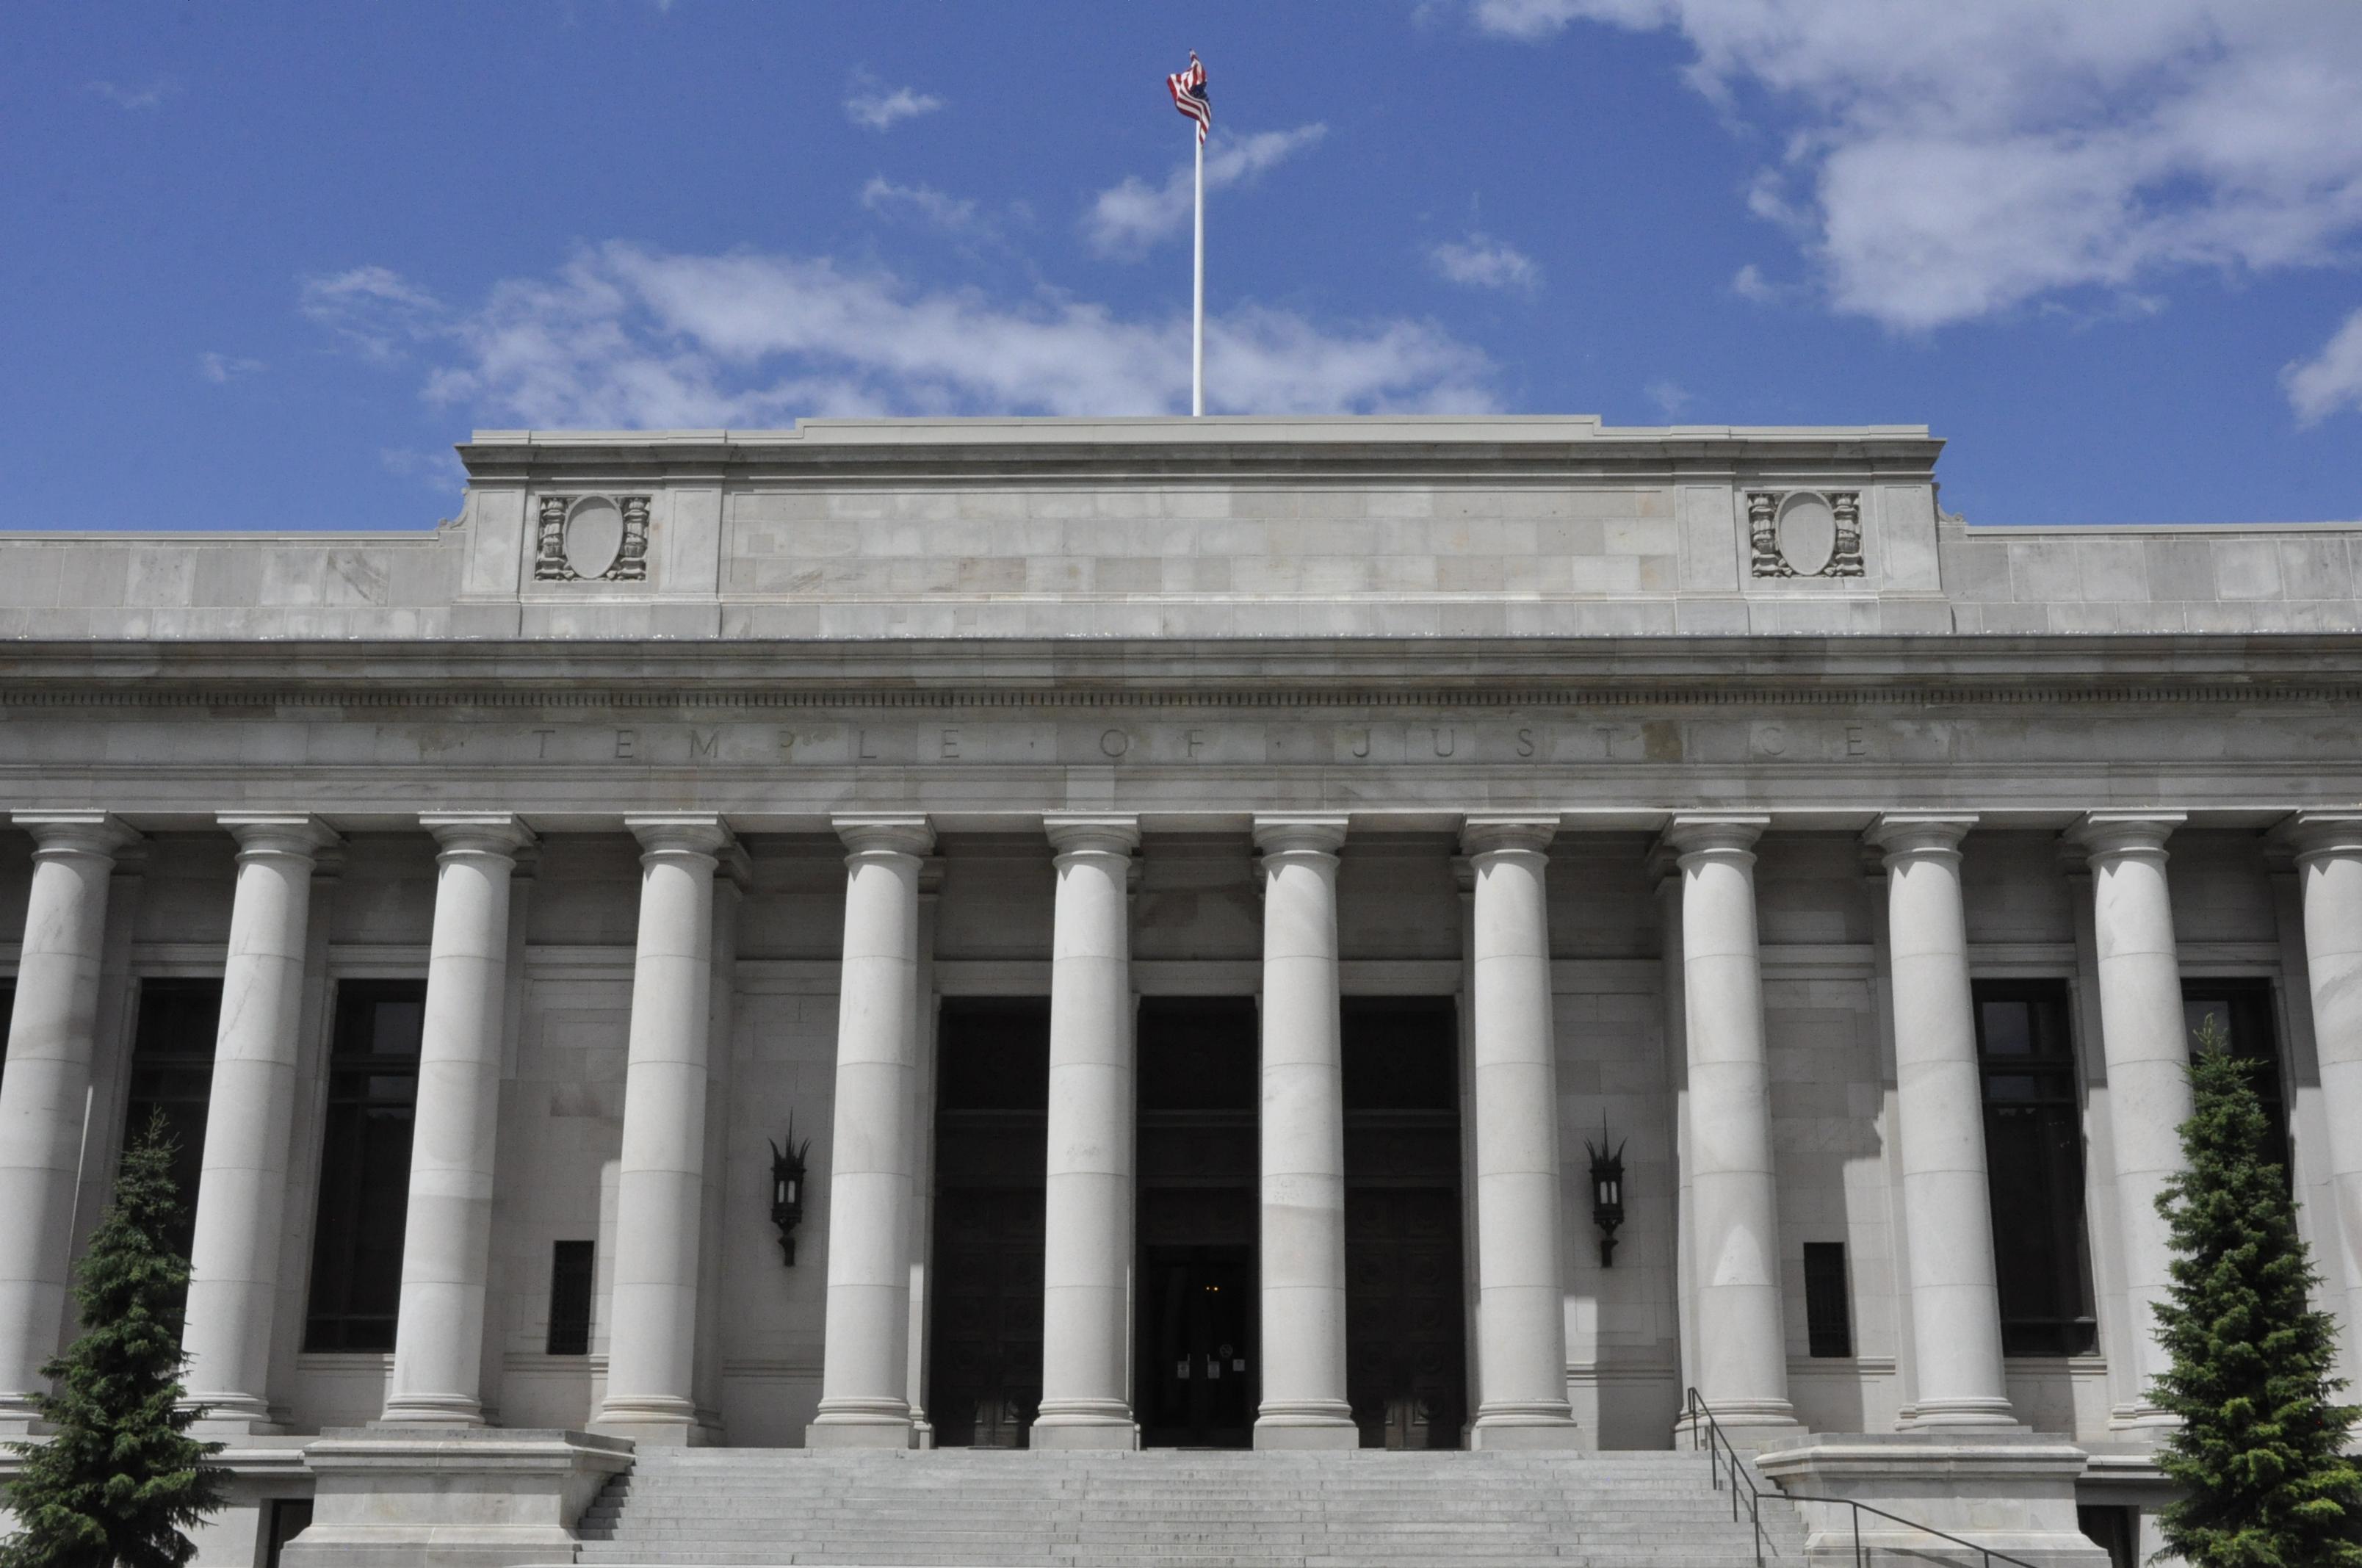 venice appeals court upheld - HD1170×775